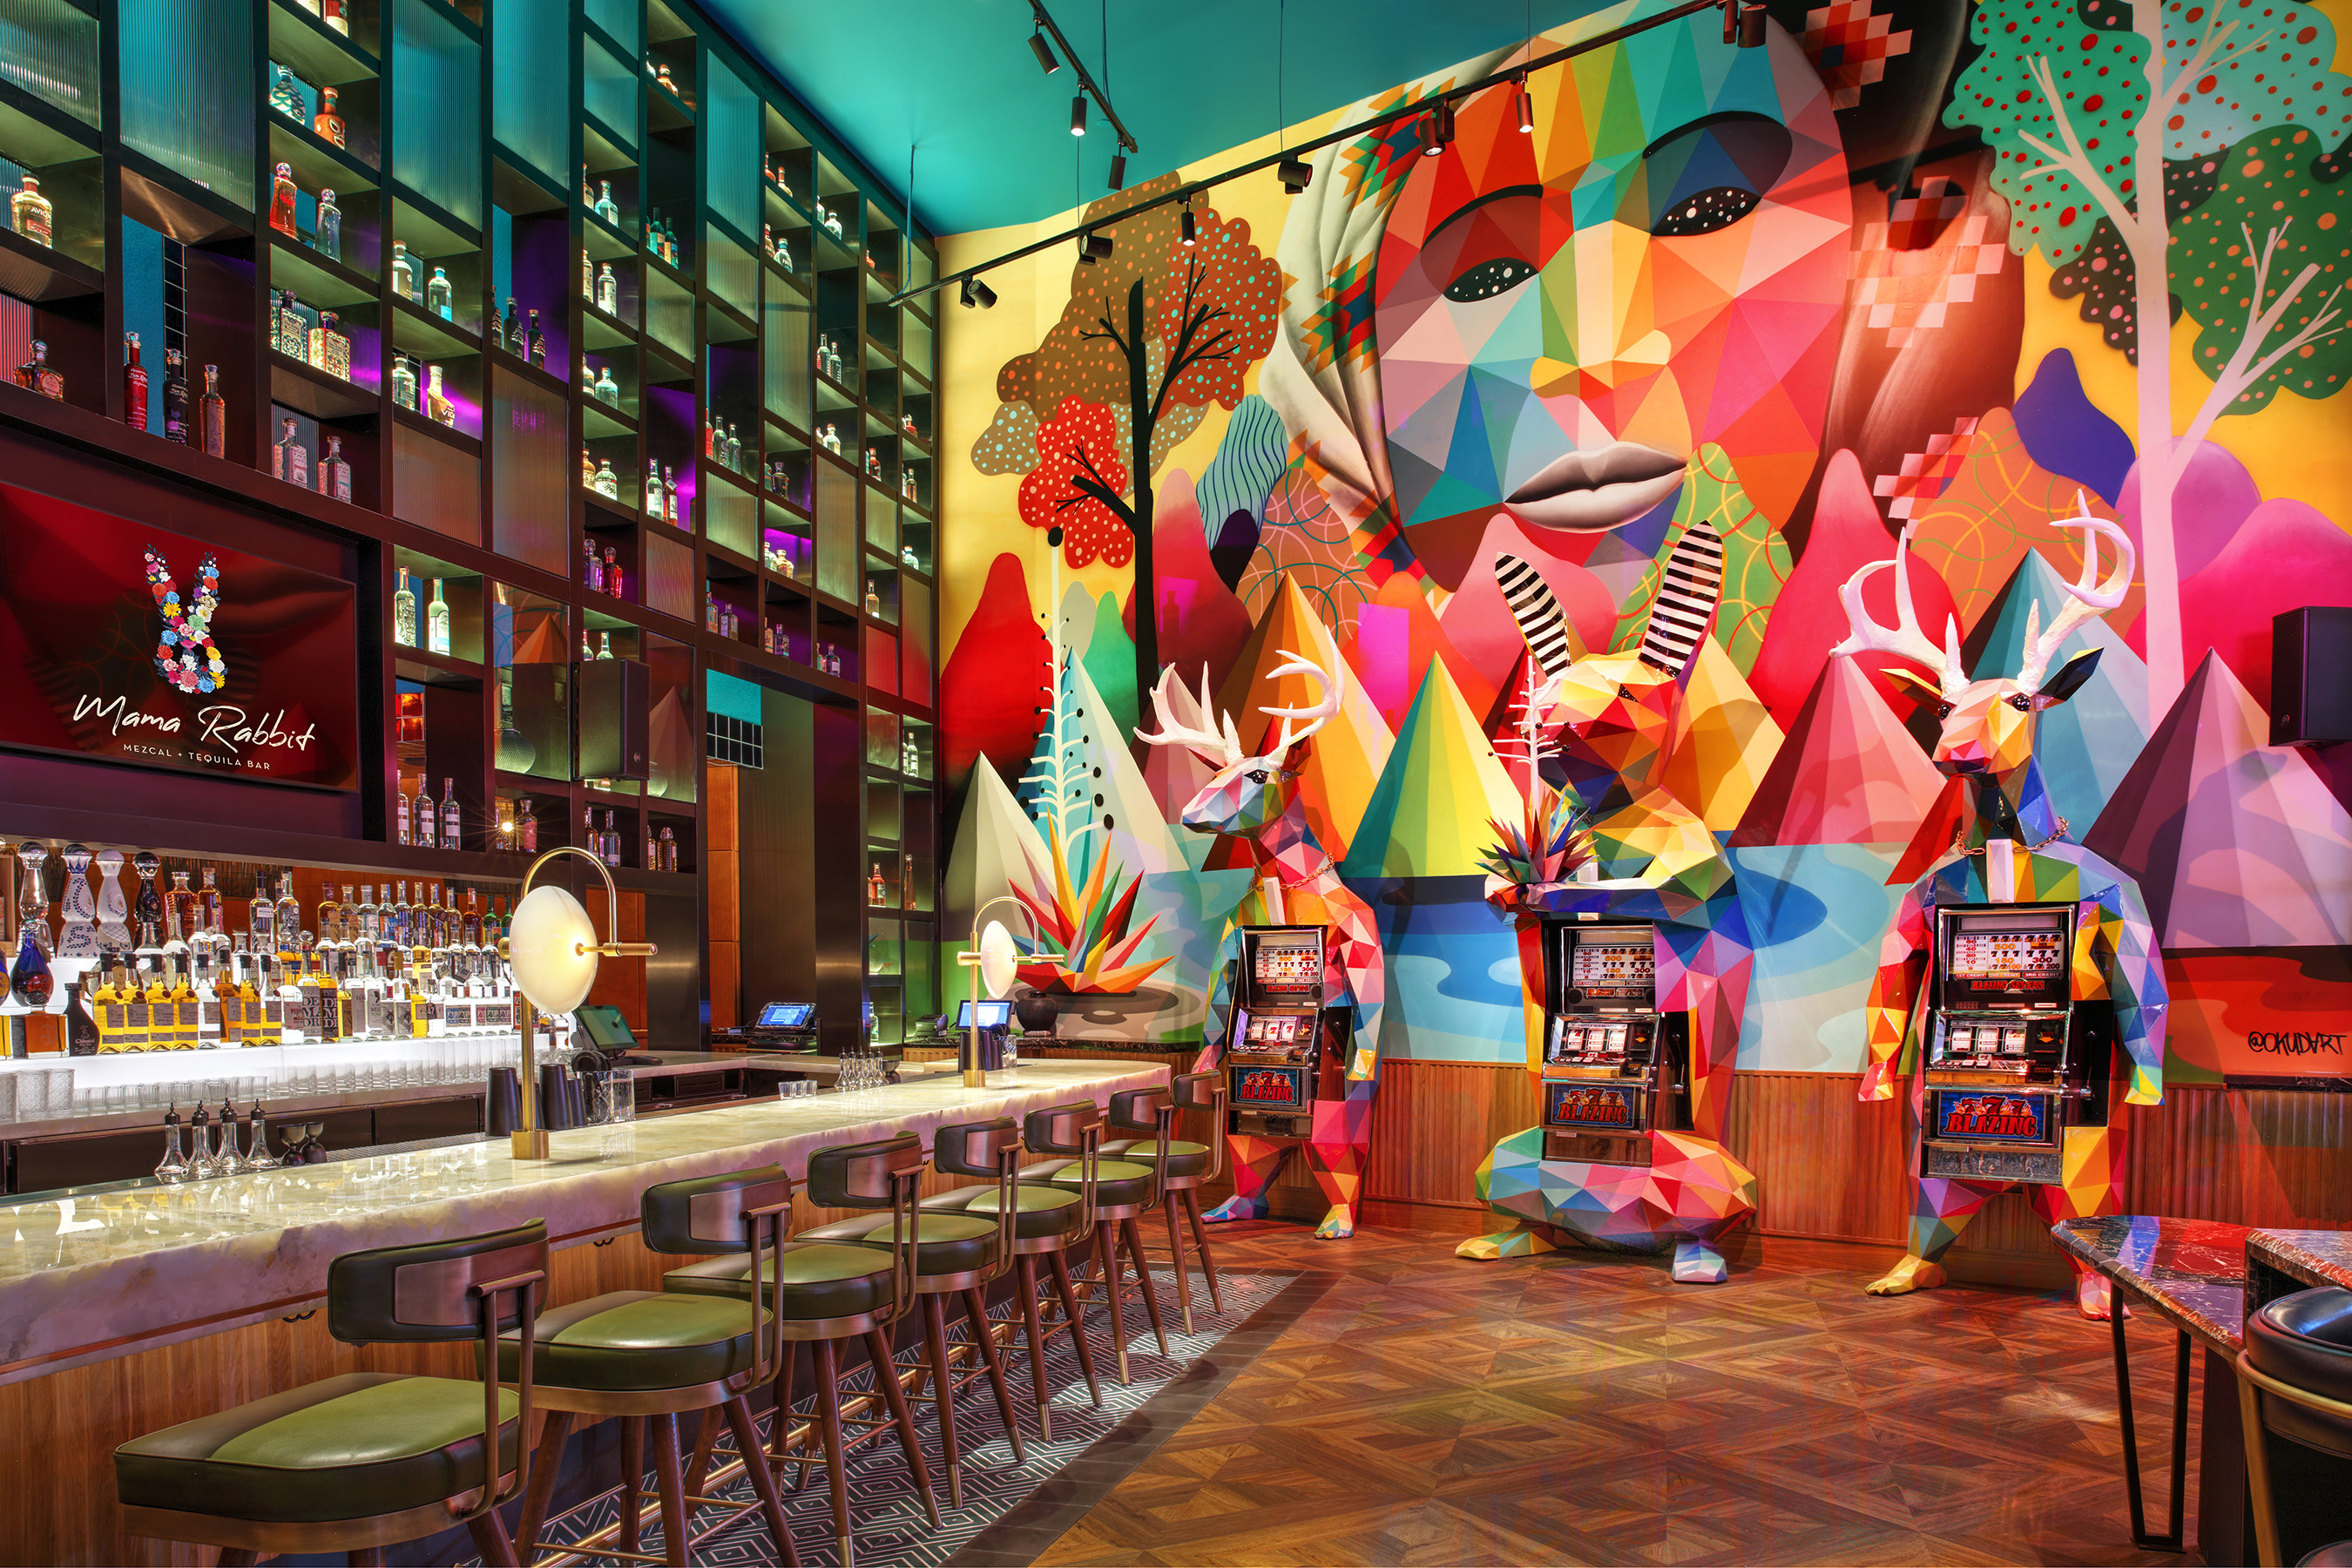 Mural and Sculptural Slot Machines by Okuda San Miguel at Mama Rabbit Bar at Park MGM in Las Vegas